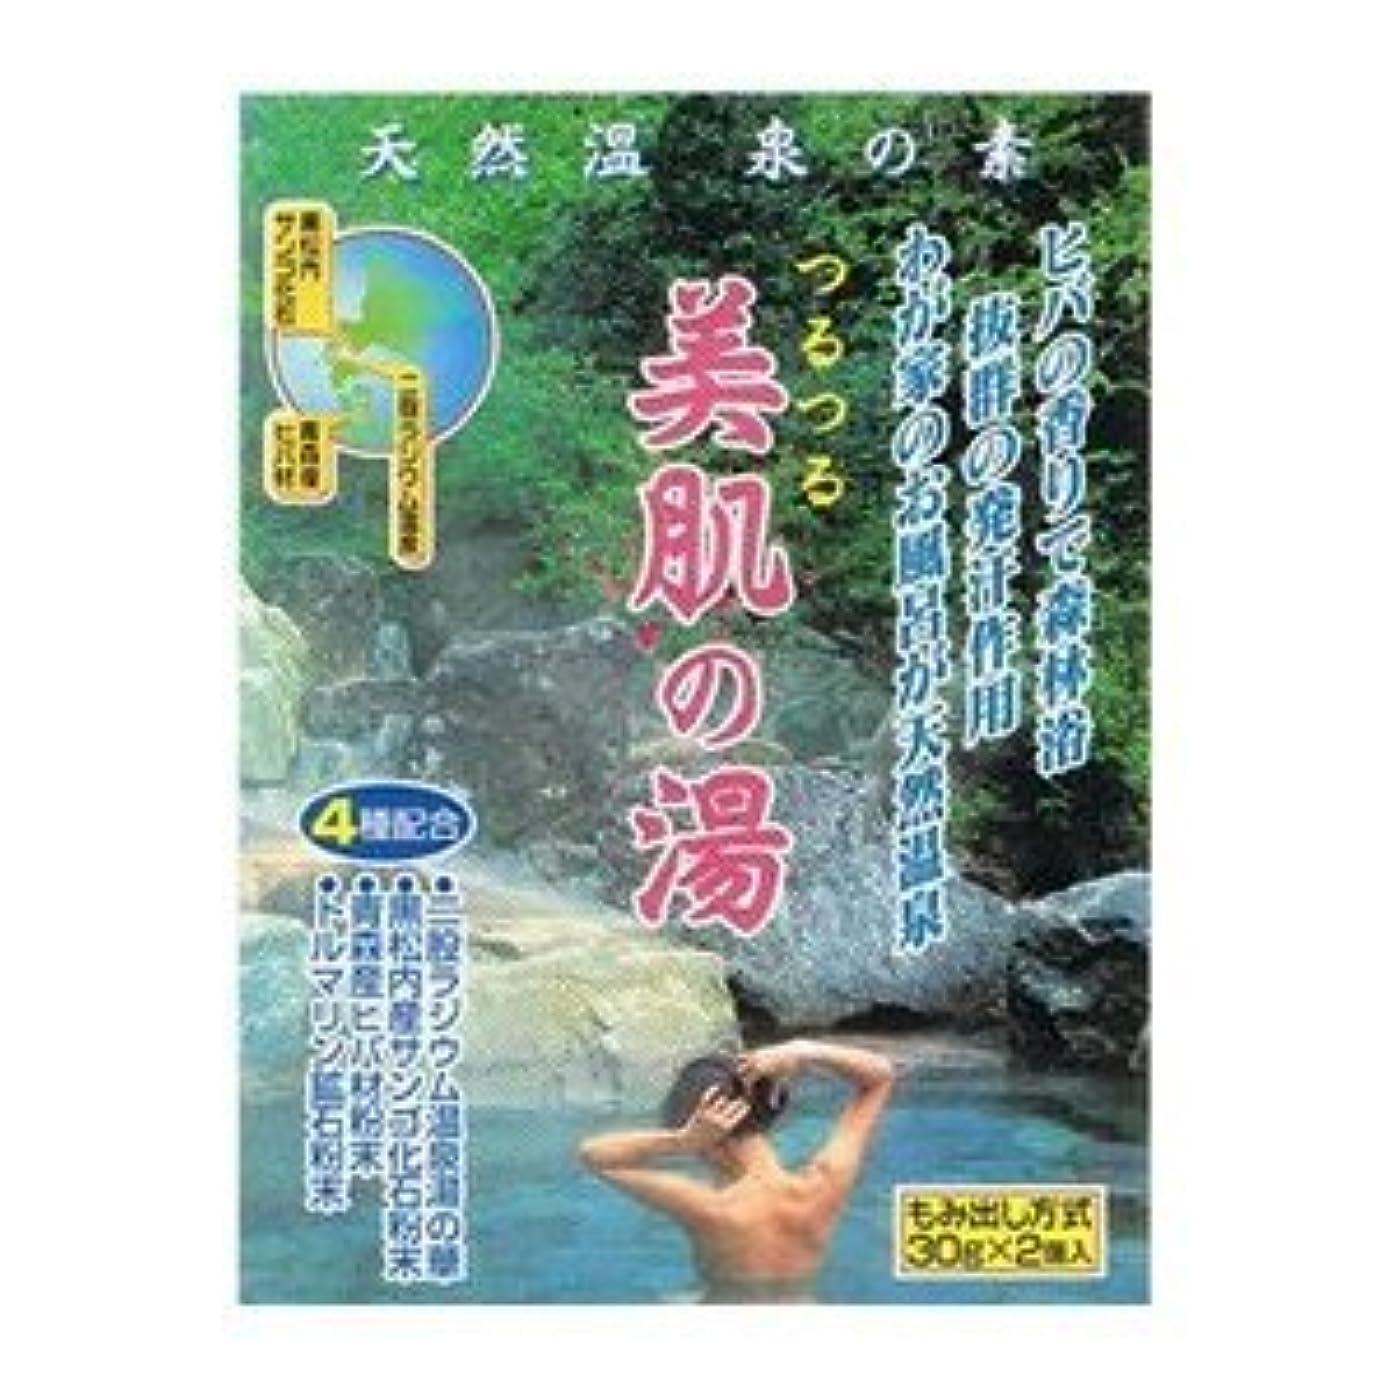 アクセル習字微弱天然温泉の素 美肌の湯 (30g×2個入)×18袋セット